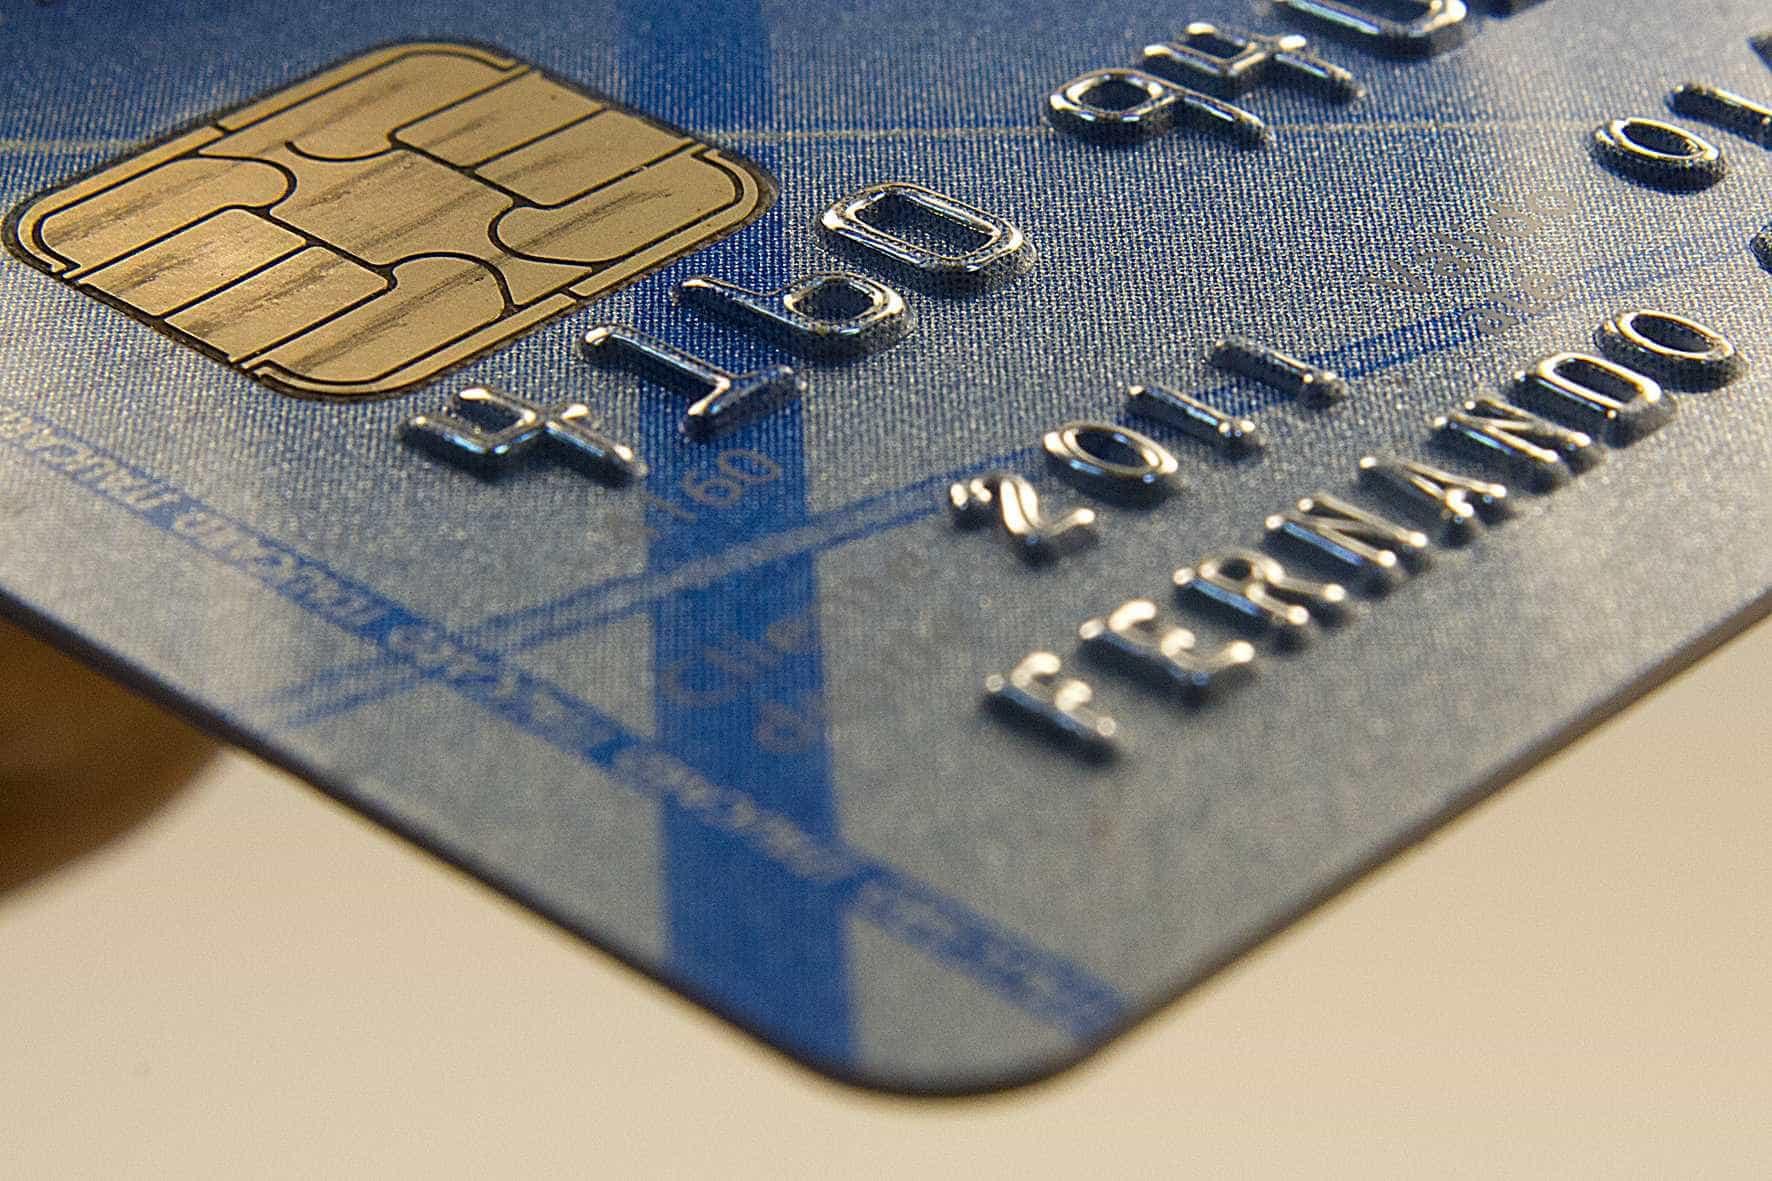 Governo muda regra para gasto com cartão de crédito no exterior